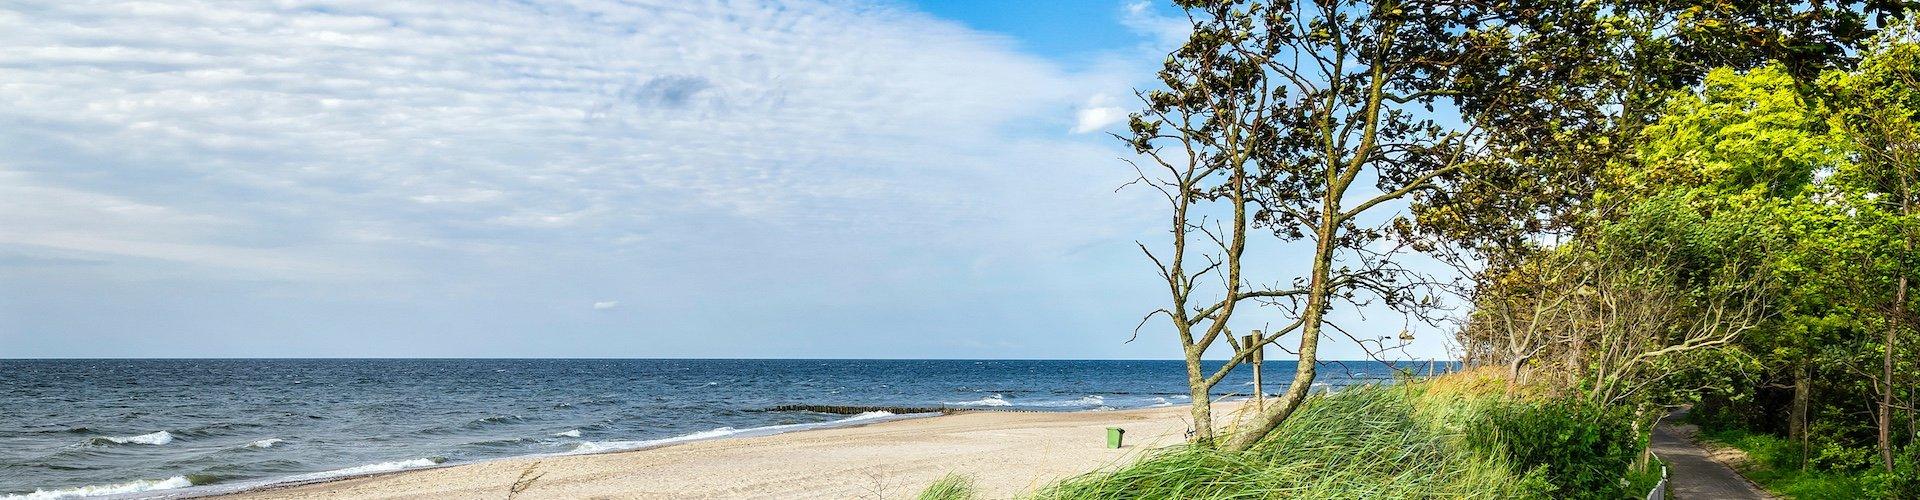 Familienurlaub an der polnischen Ostseeküste